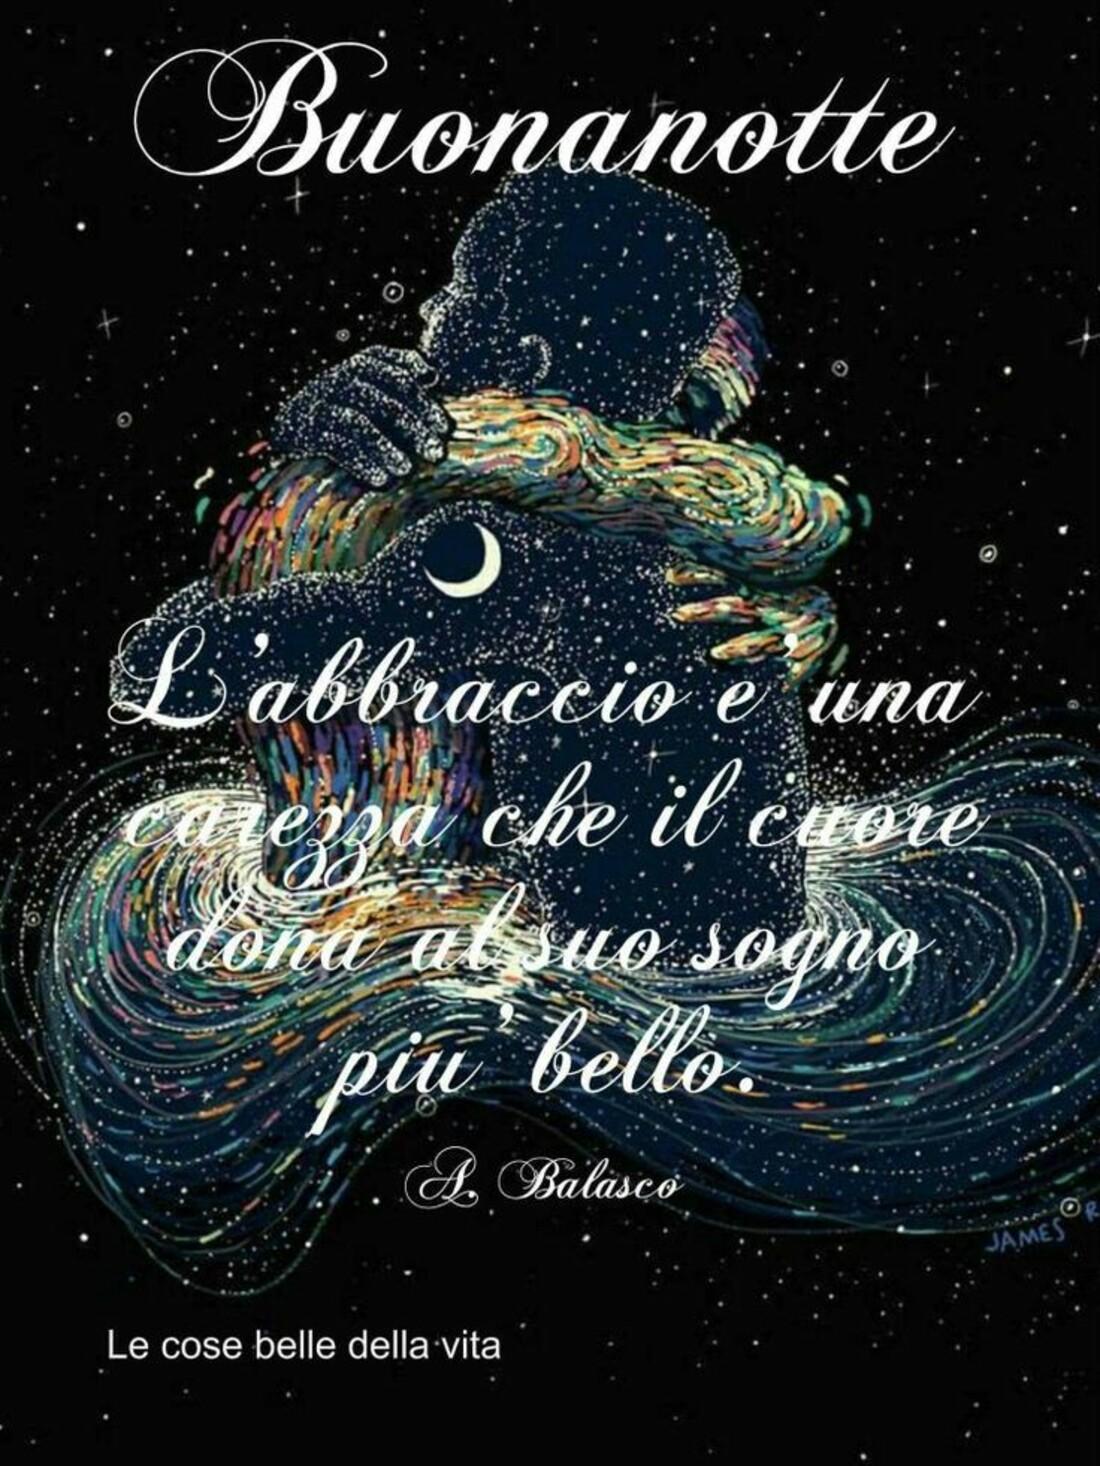 Buonanotte l'abbraccio è una carezza che il cuore dona al sogno più bello